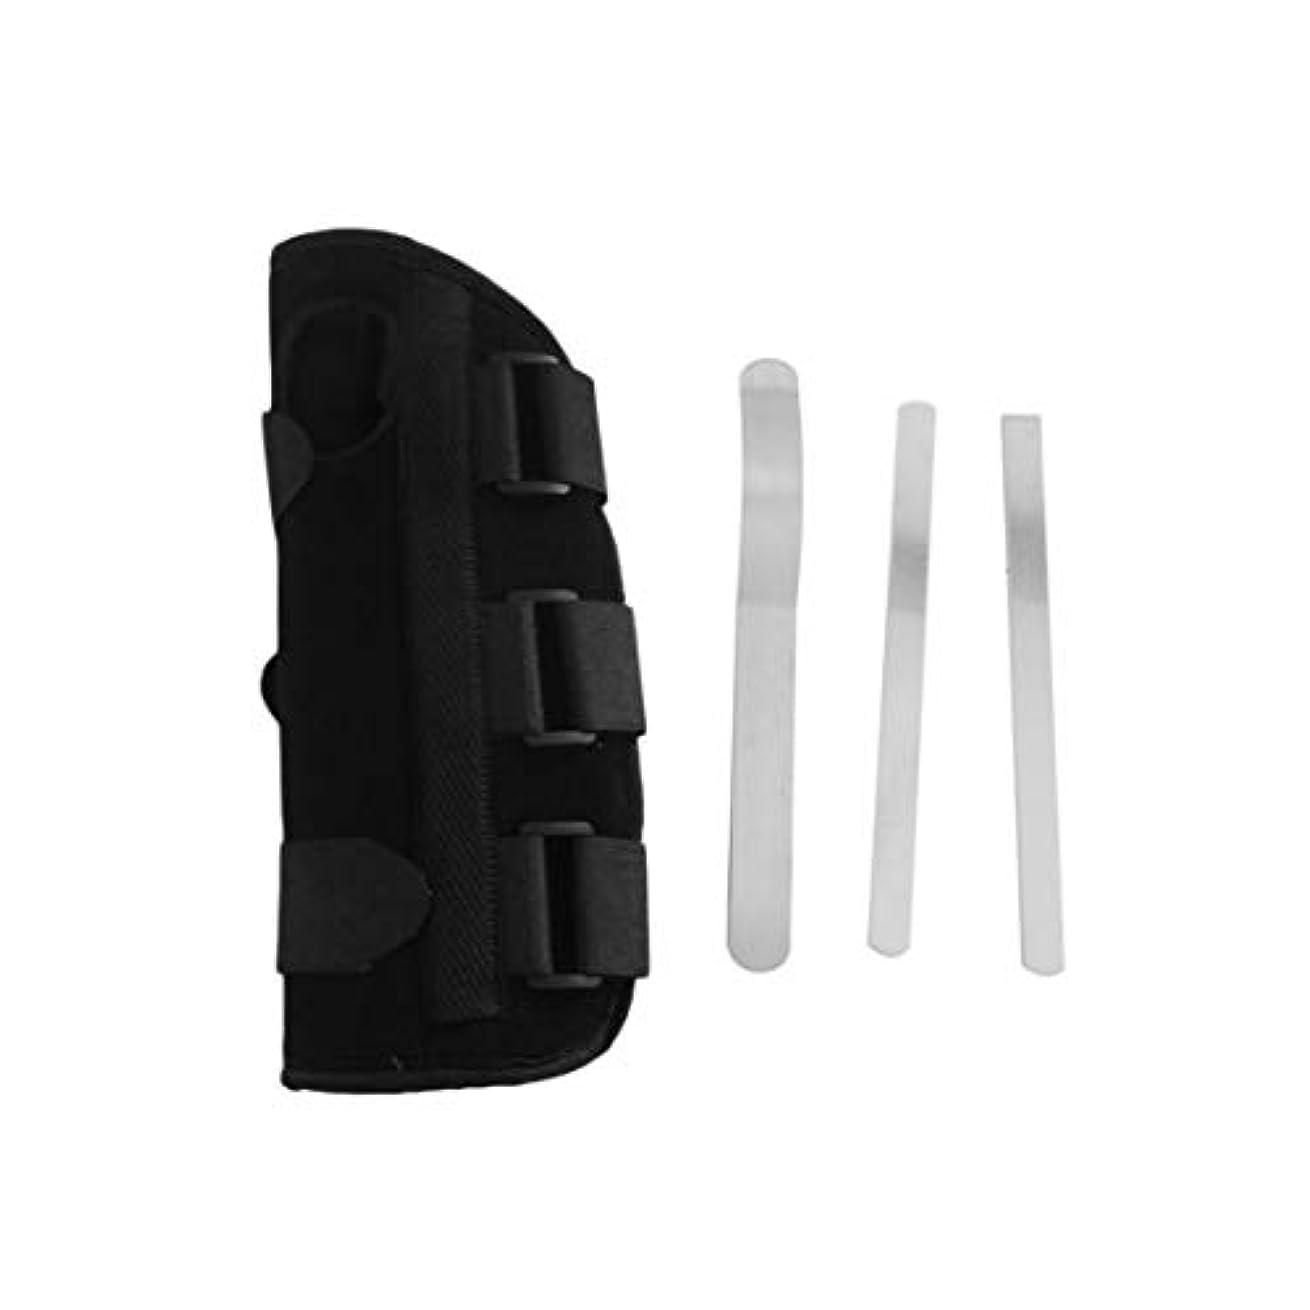 応答シートシード手首副木ブレース保護サポートストラップカルペルトンネルCTS RSI痛み軽減取り外し可能な副木快適な軽量ストラップ - ブラックS